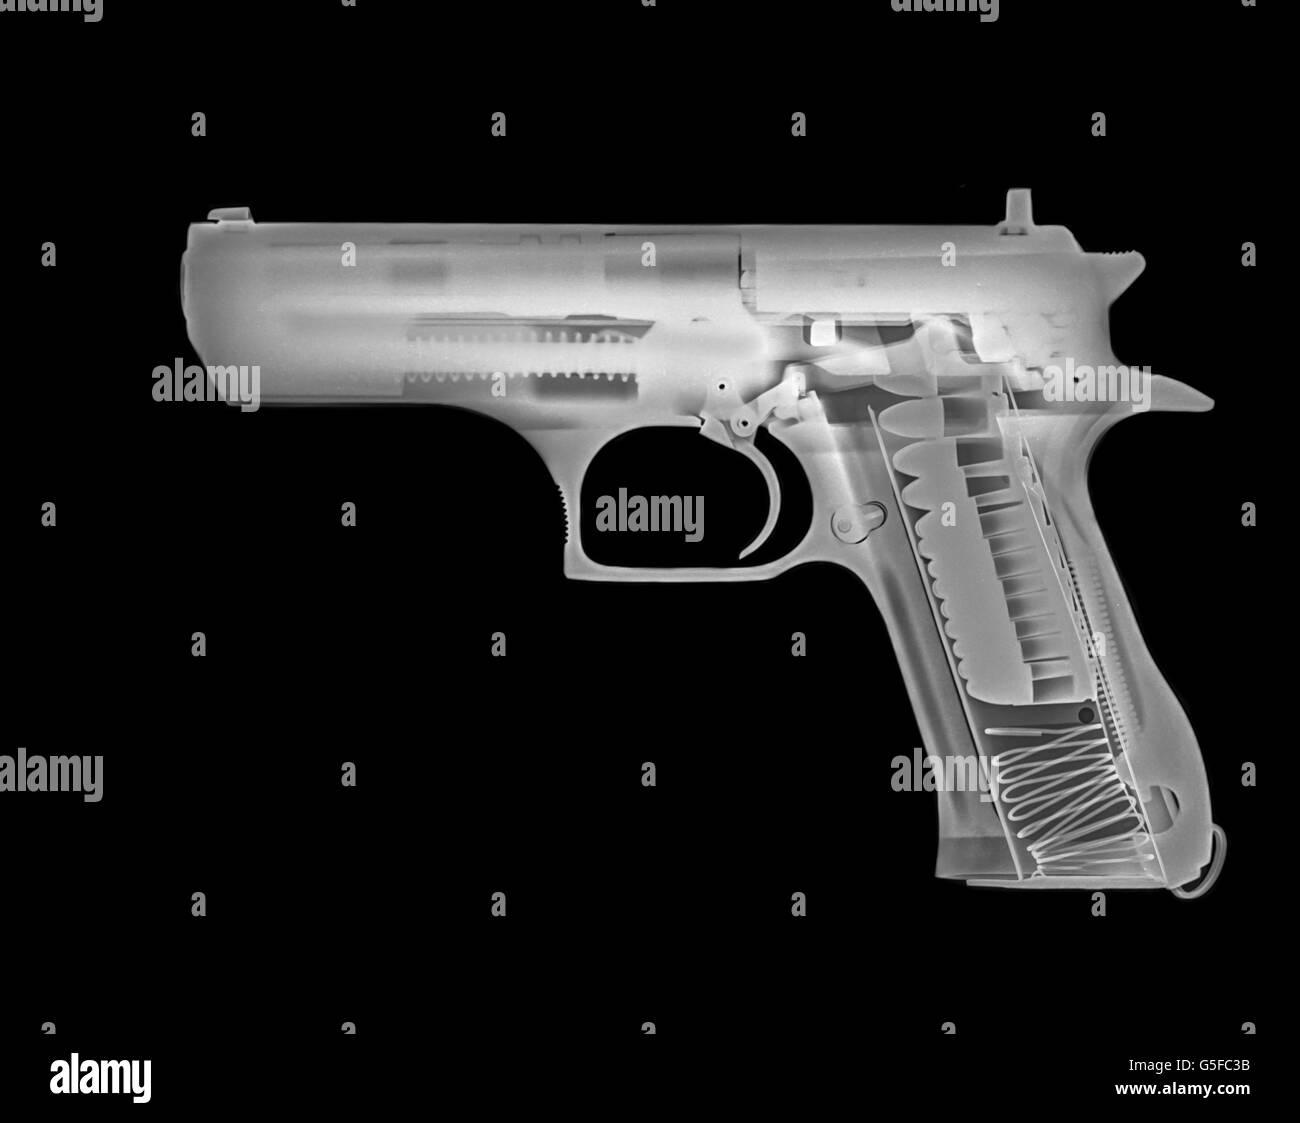 Handgun under x-ray - Stock Image